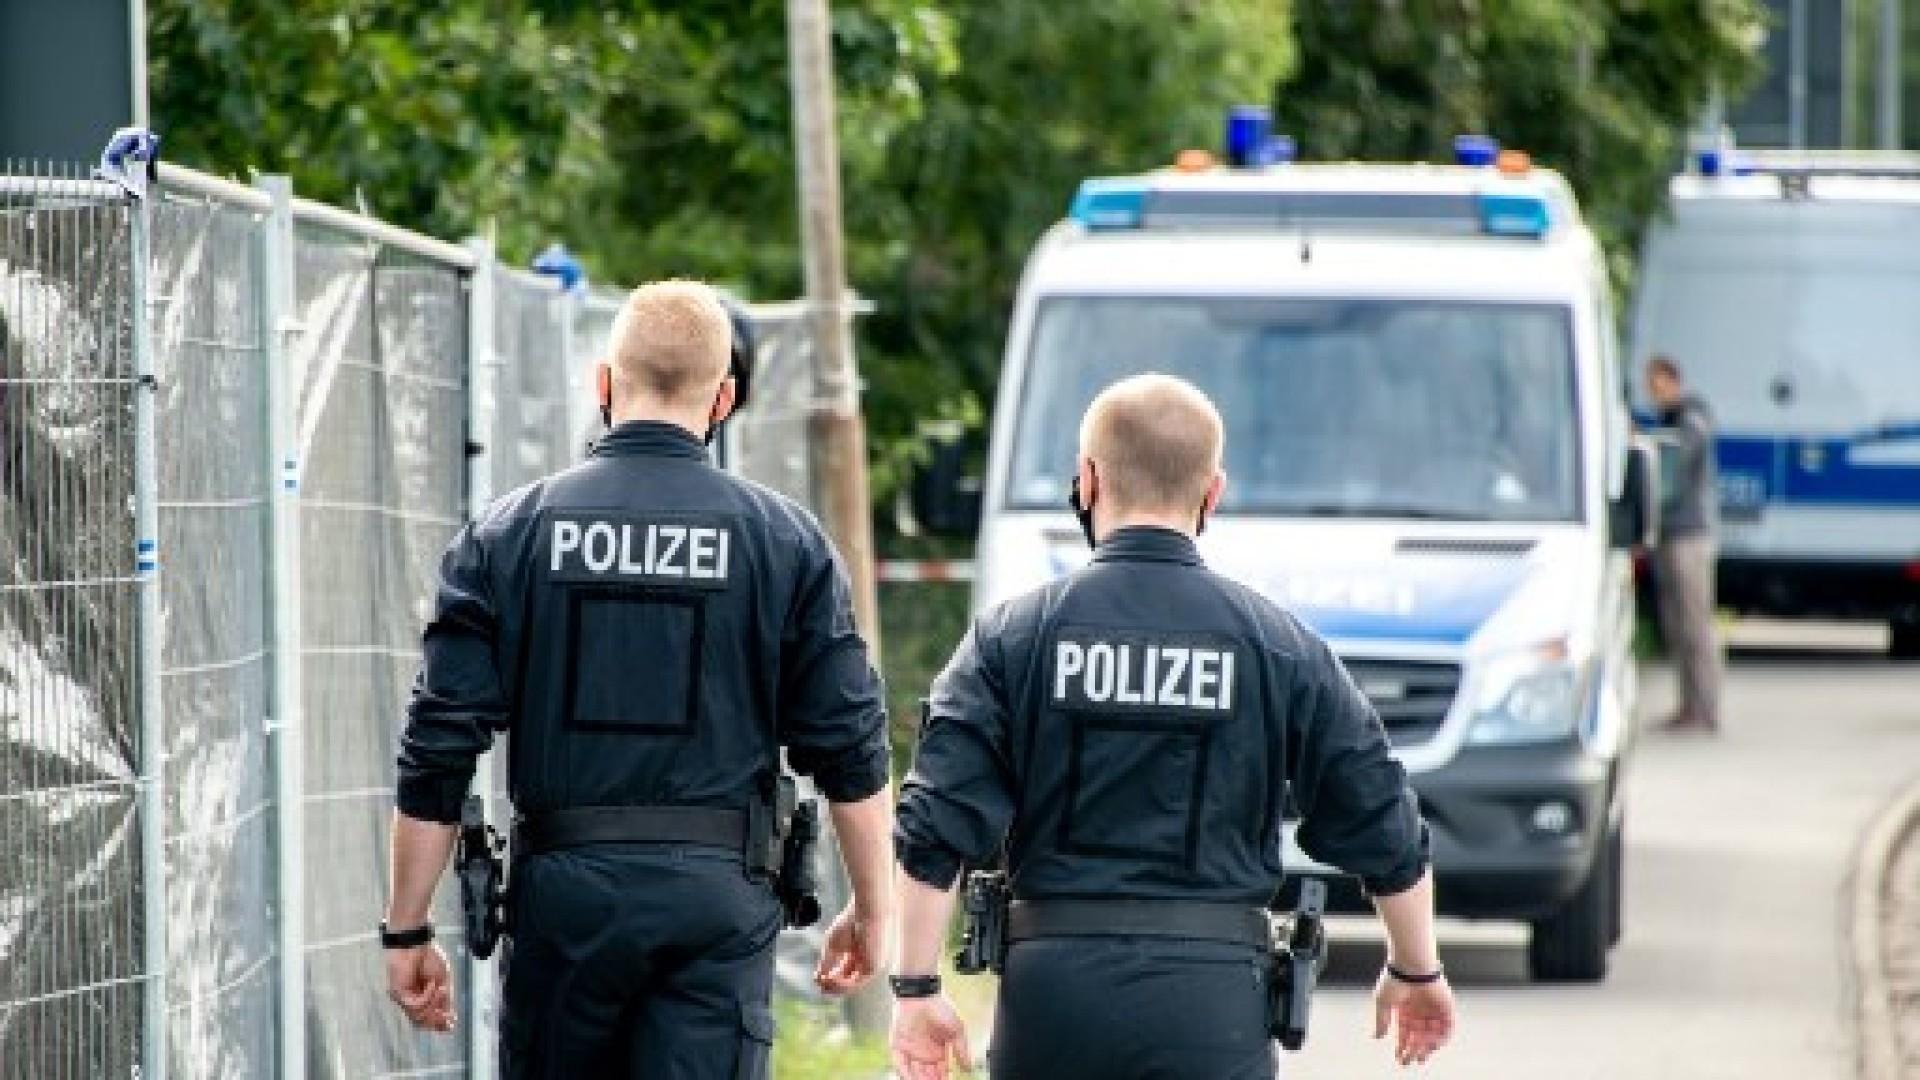 Njemačka: Uhićuju i deportiraju građane BiH koji su došli turistički